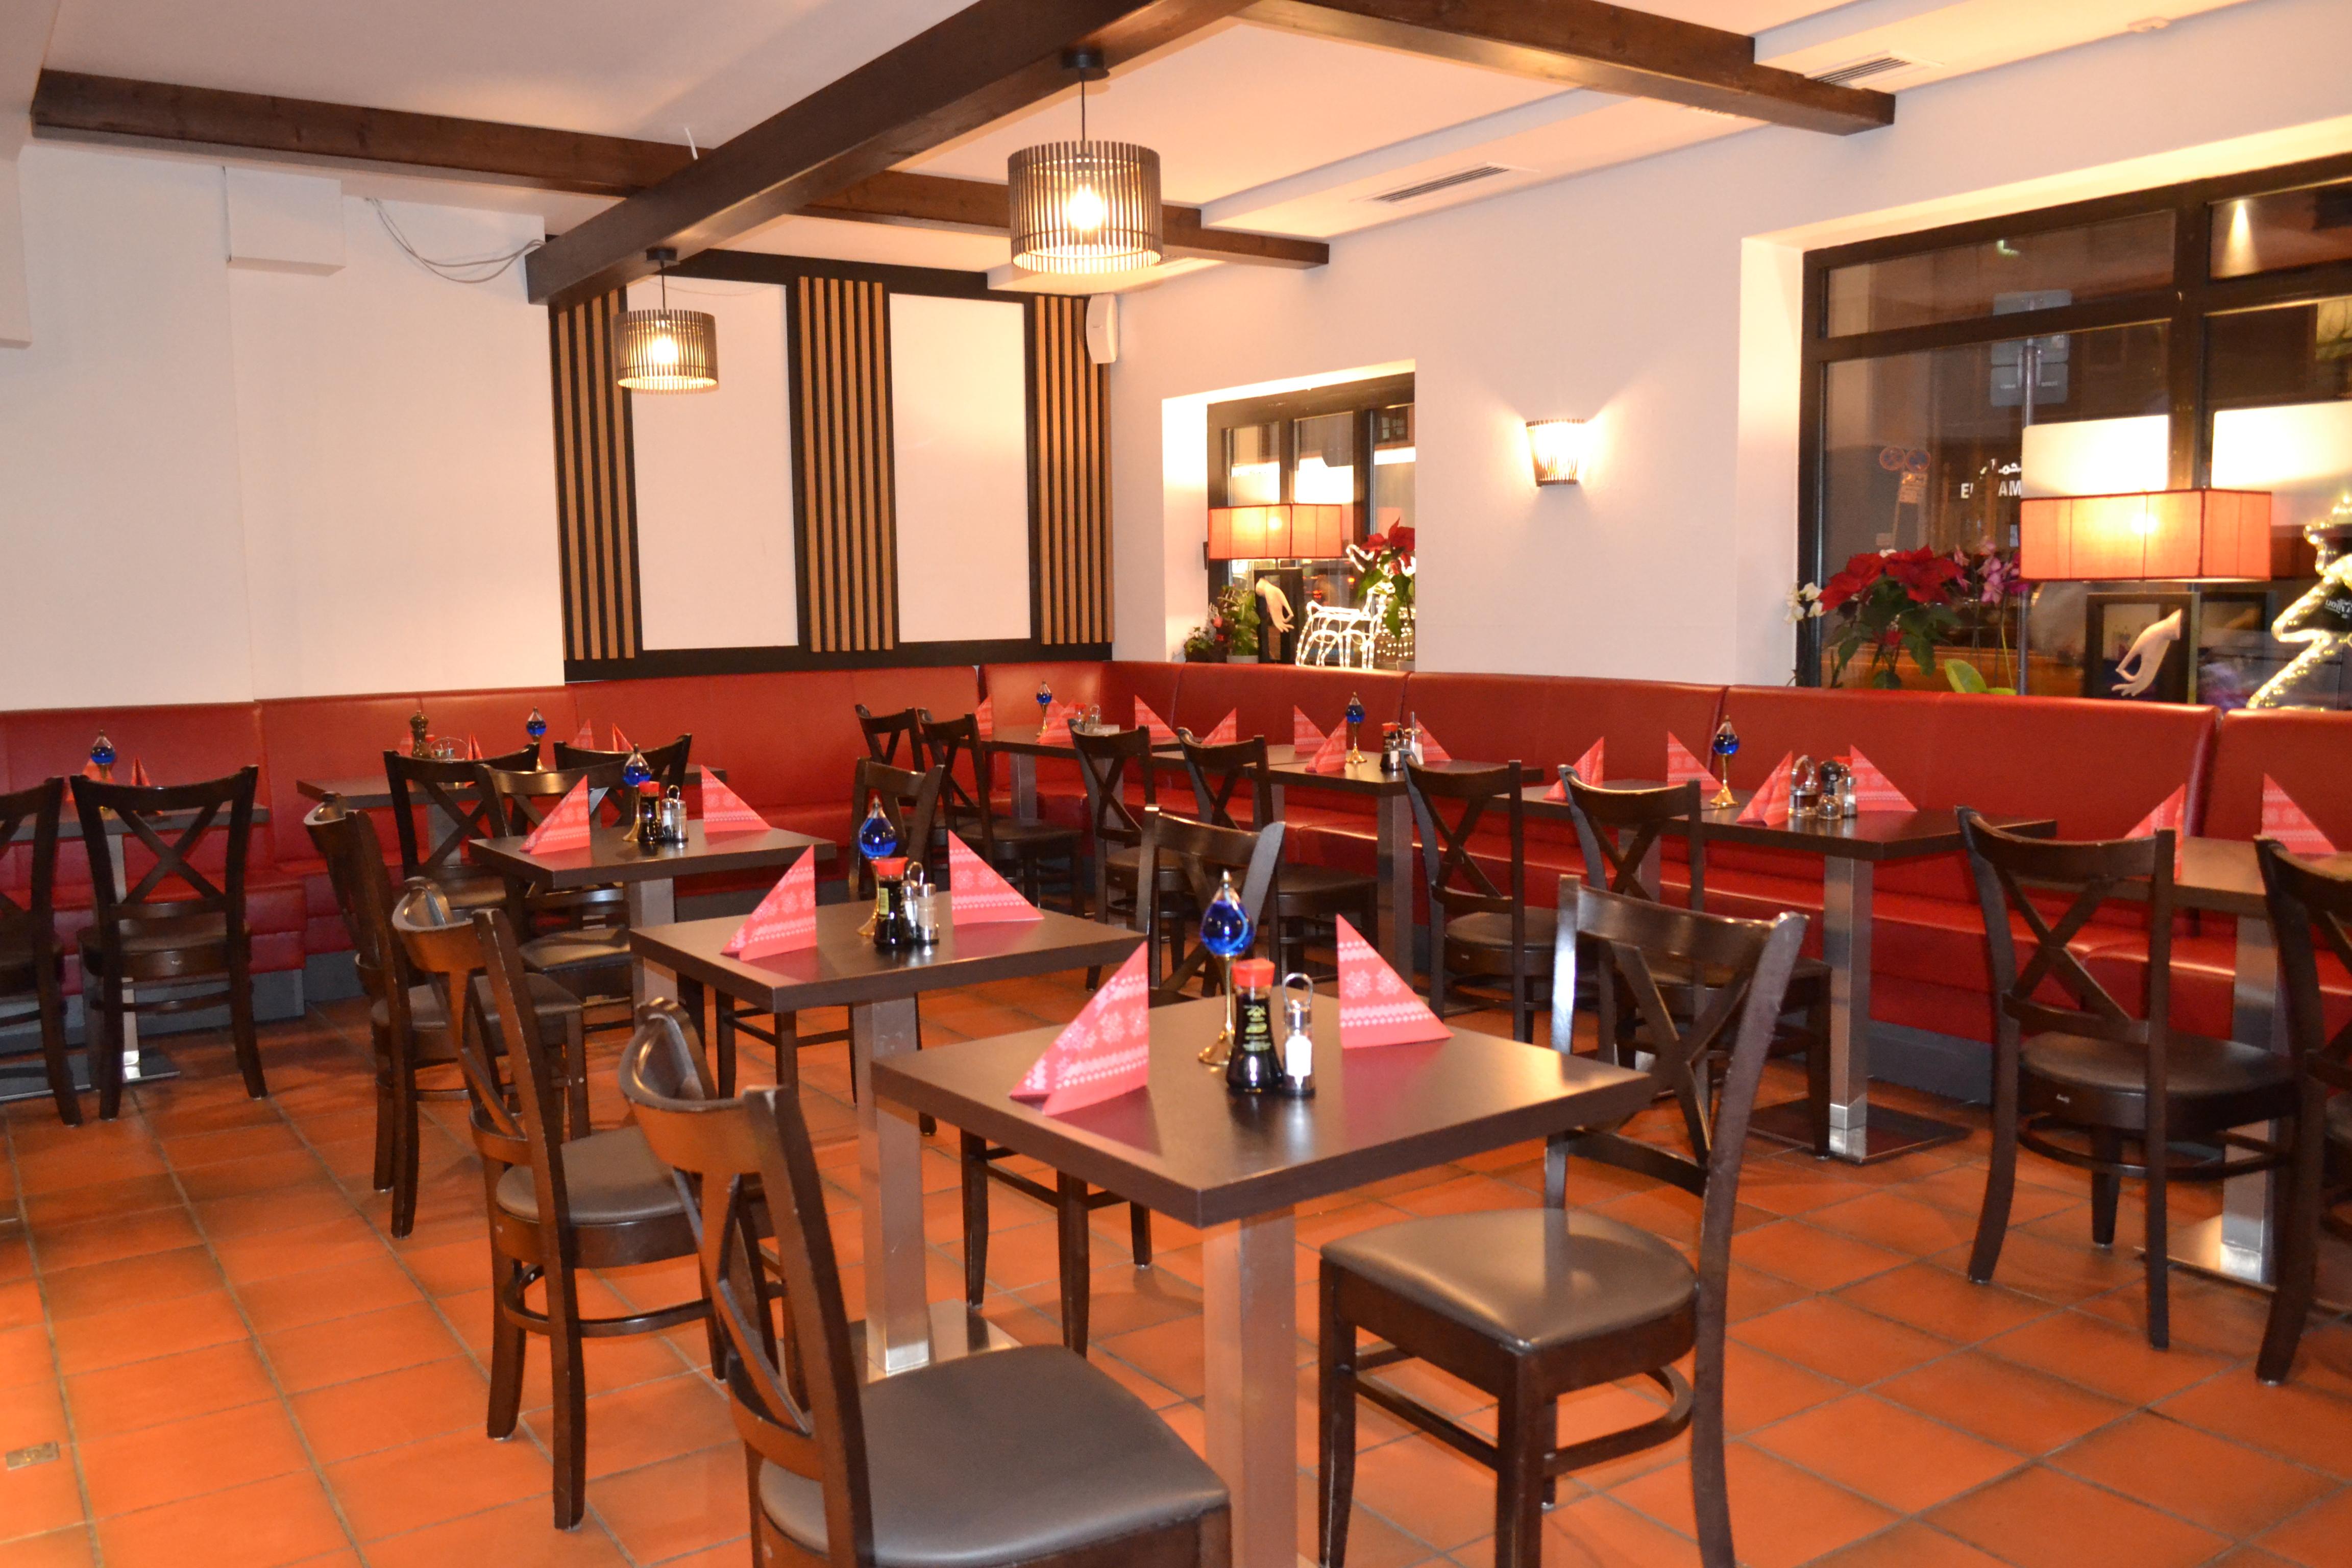 Asiatische Restaurant Yanyou am Harras in München